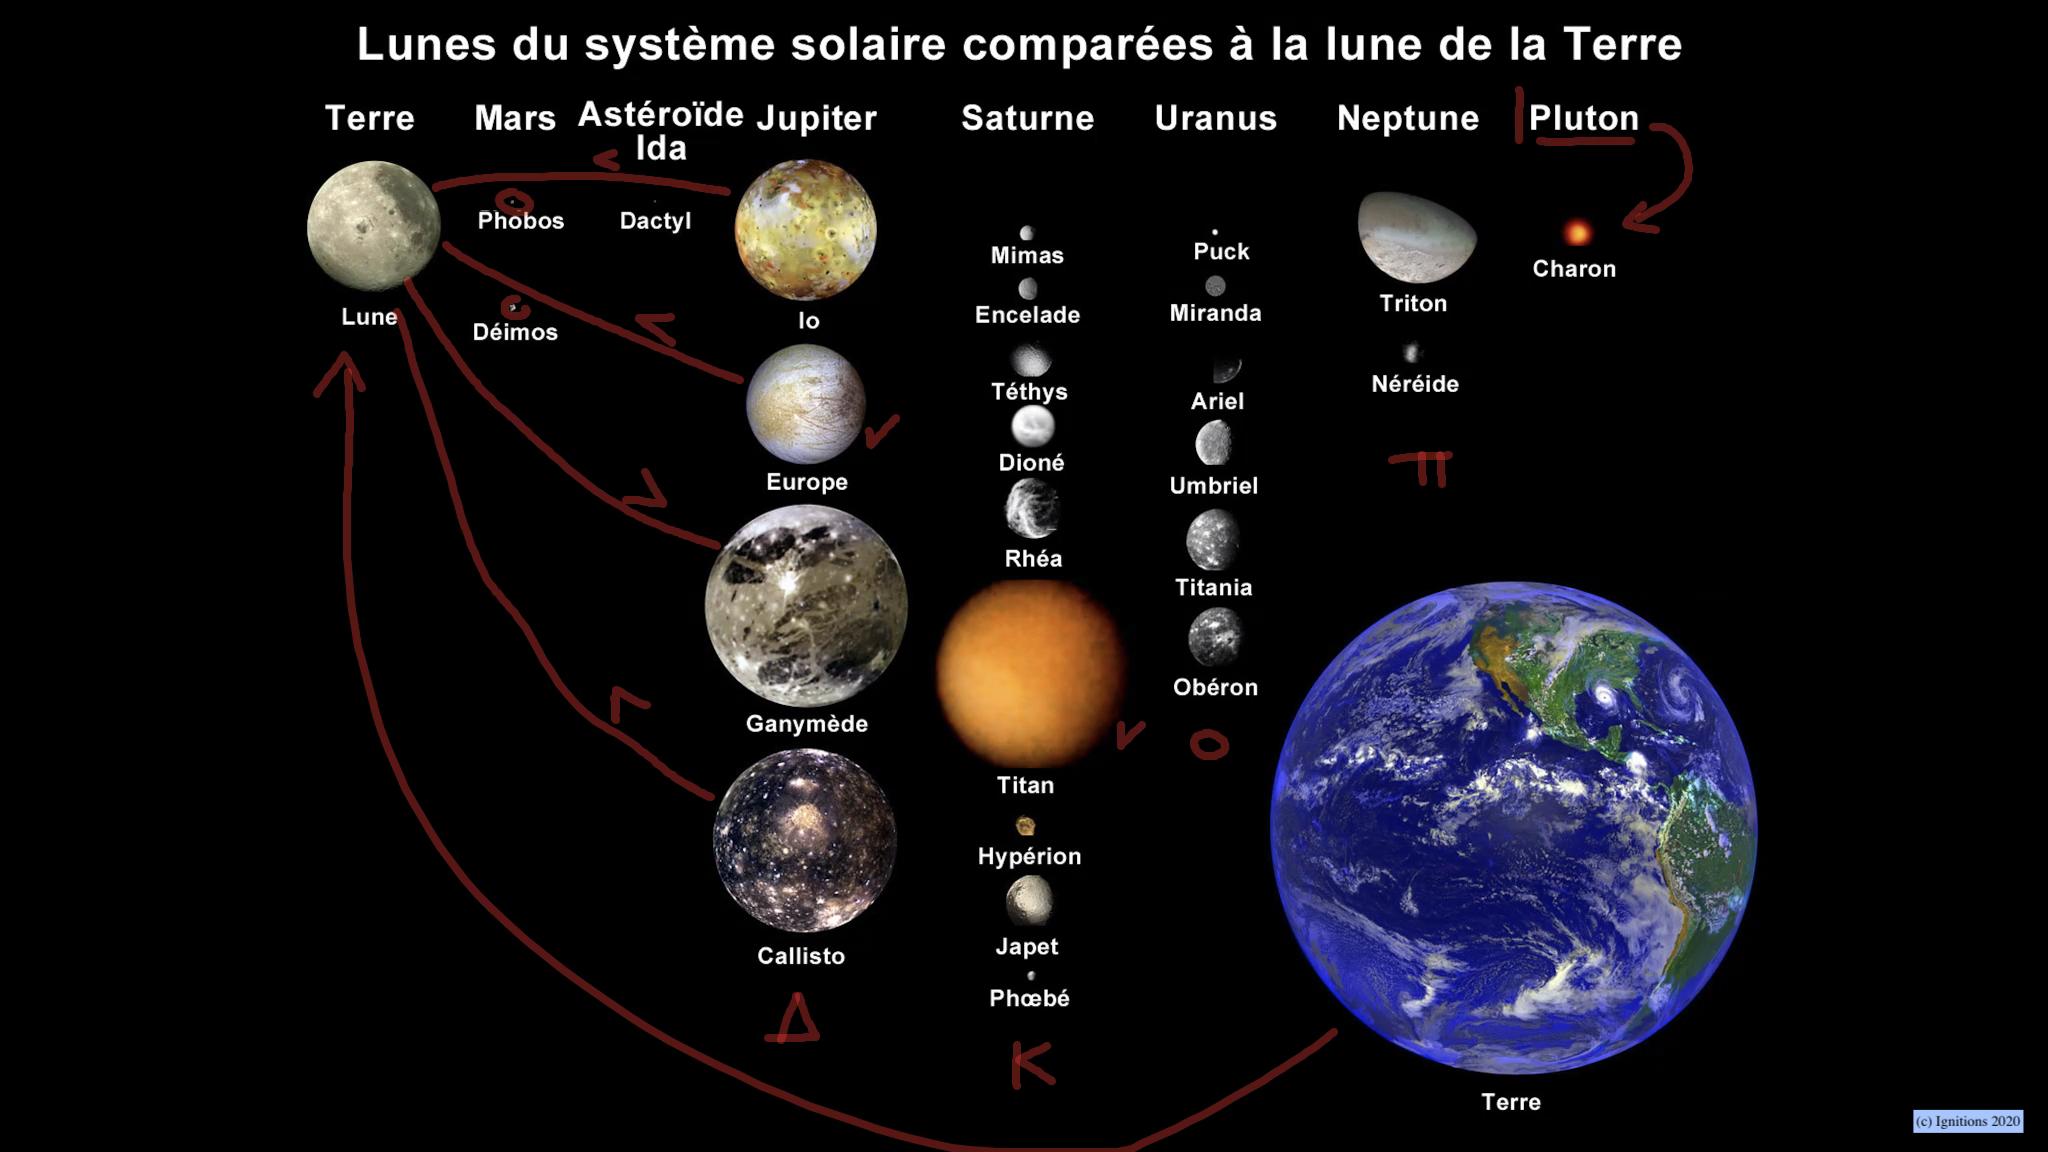 55945 - Μάθημα ΙII: Ηλιακό σύστημα και δορυφόροι πλανητών. (Dessin)